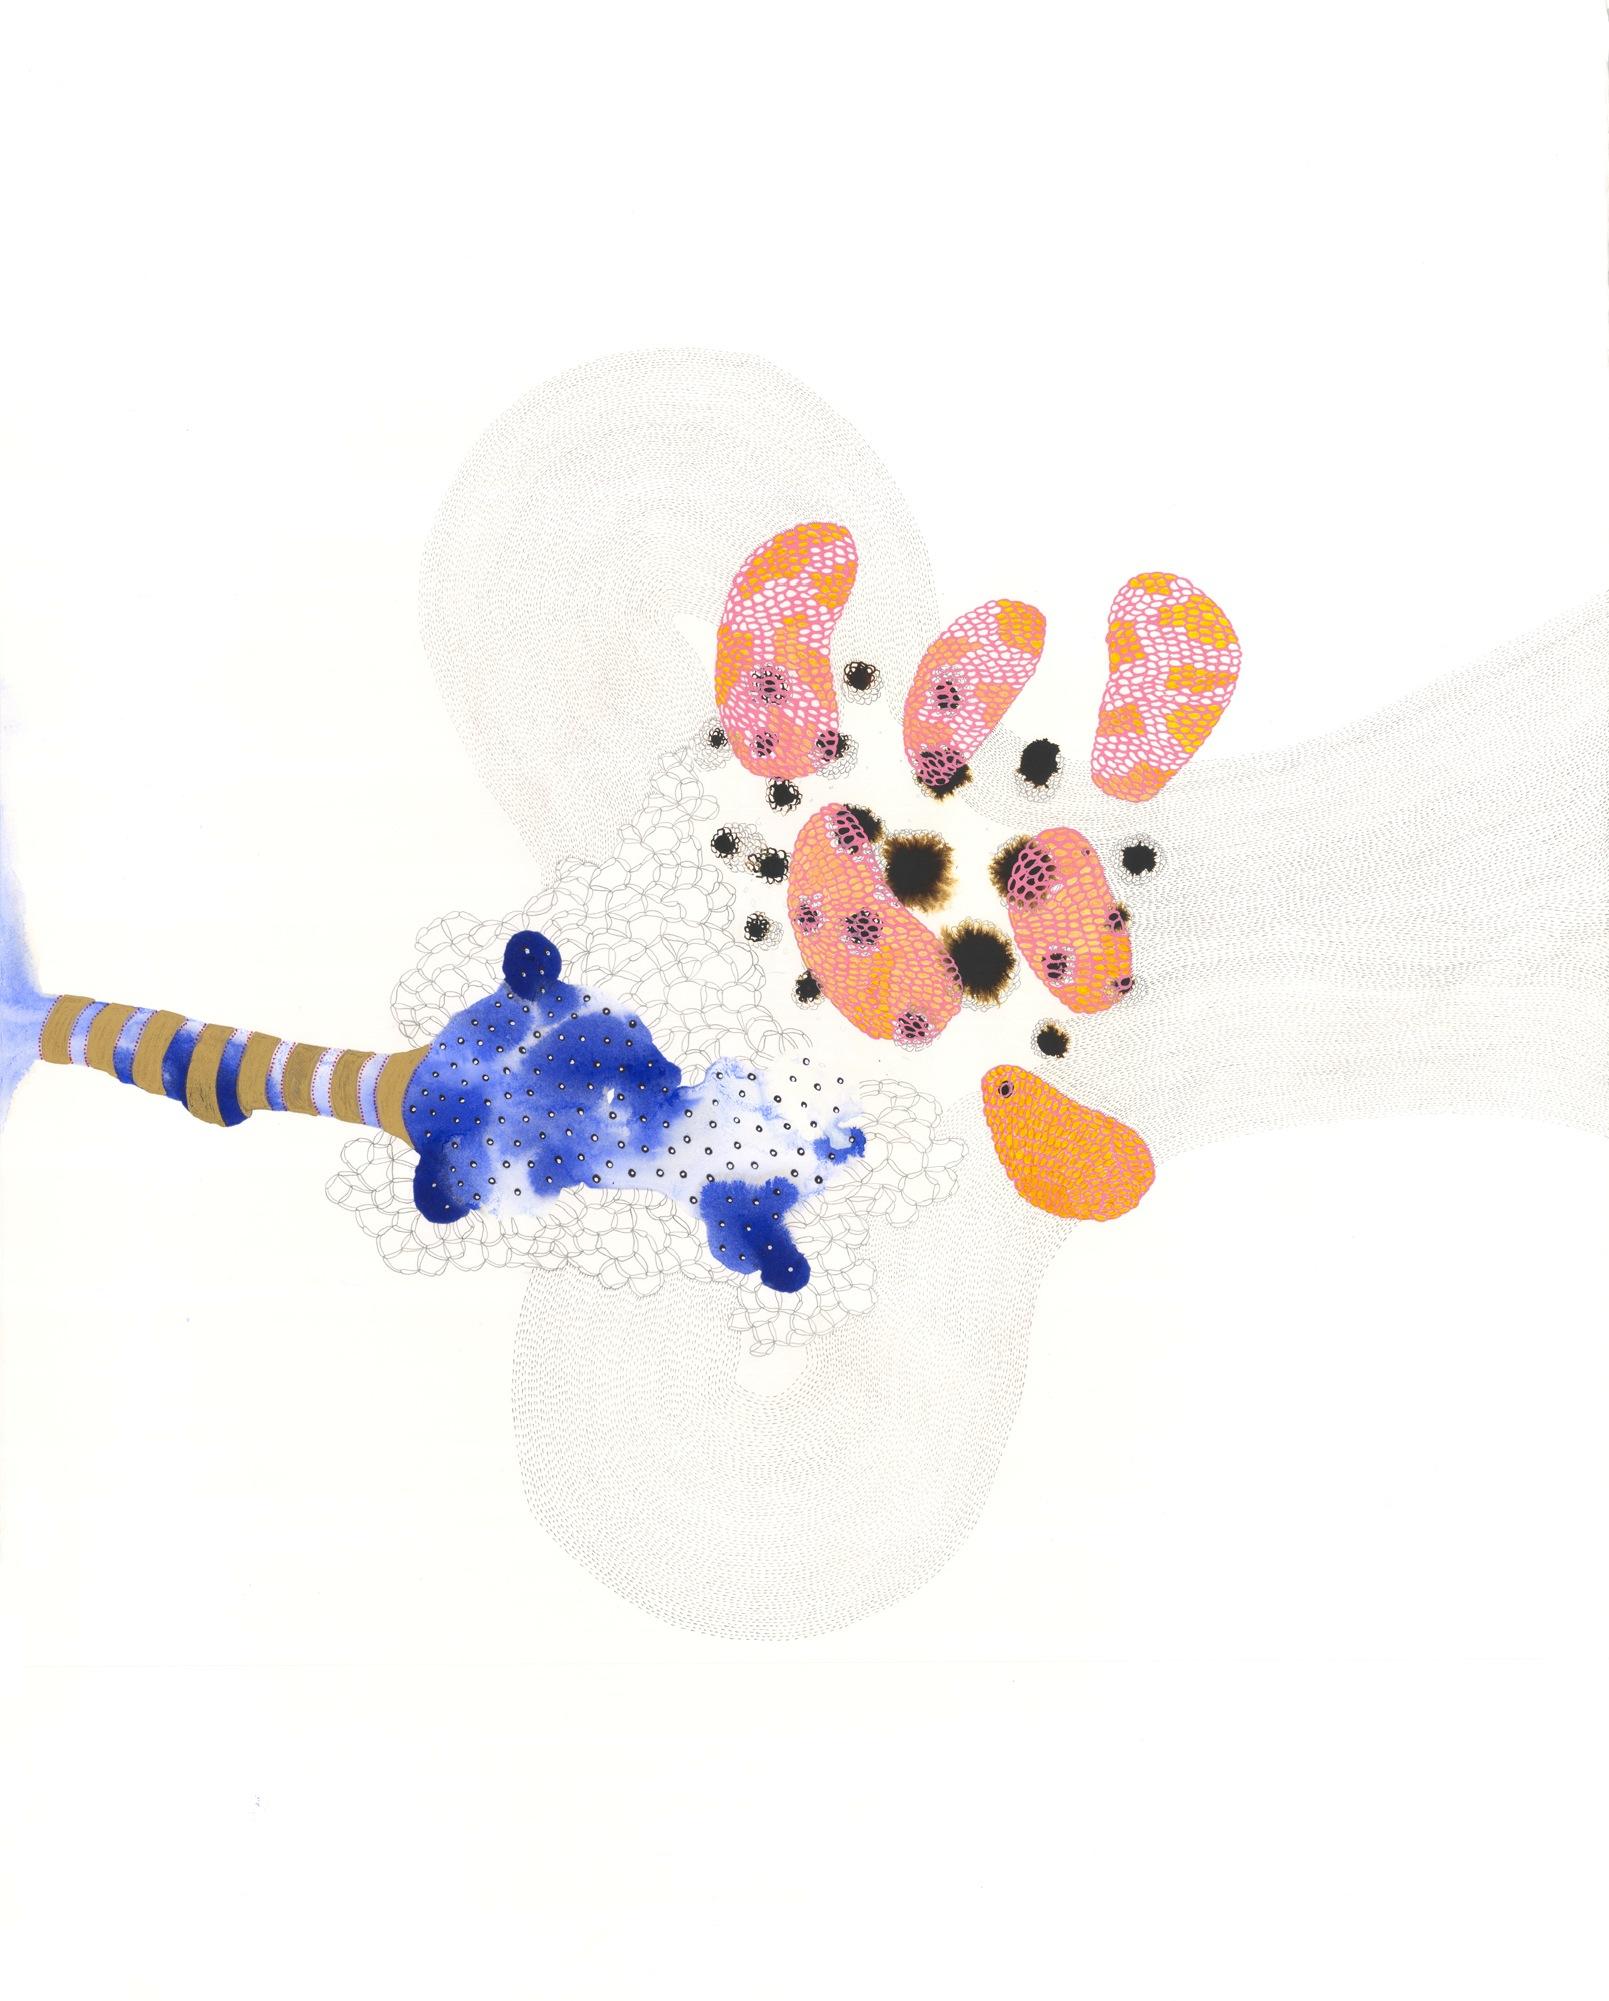 """VI-1 , gouache, graphite, ink on paper, 28"""" x 22"""", 2013"""